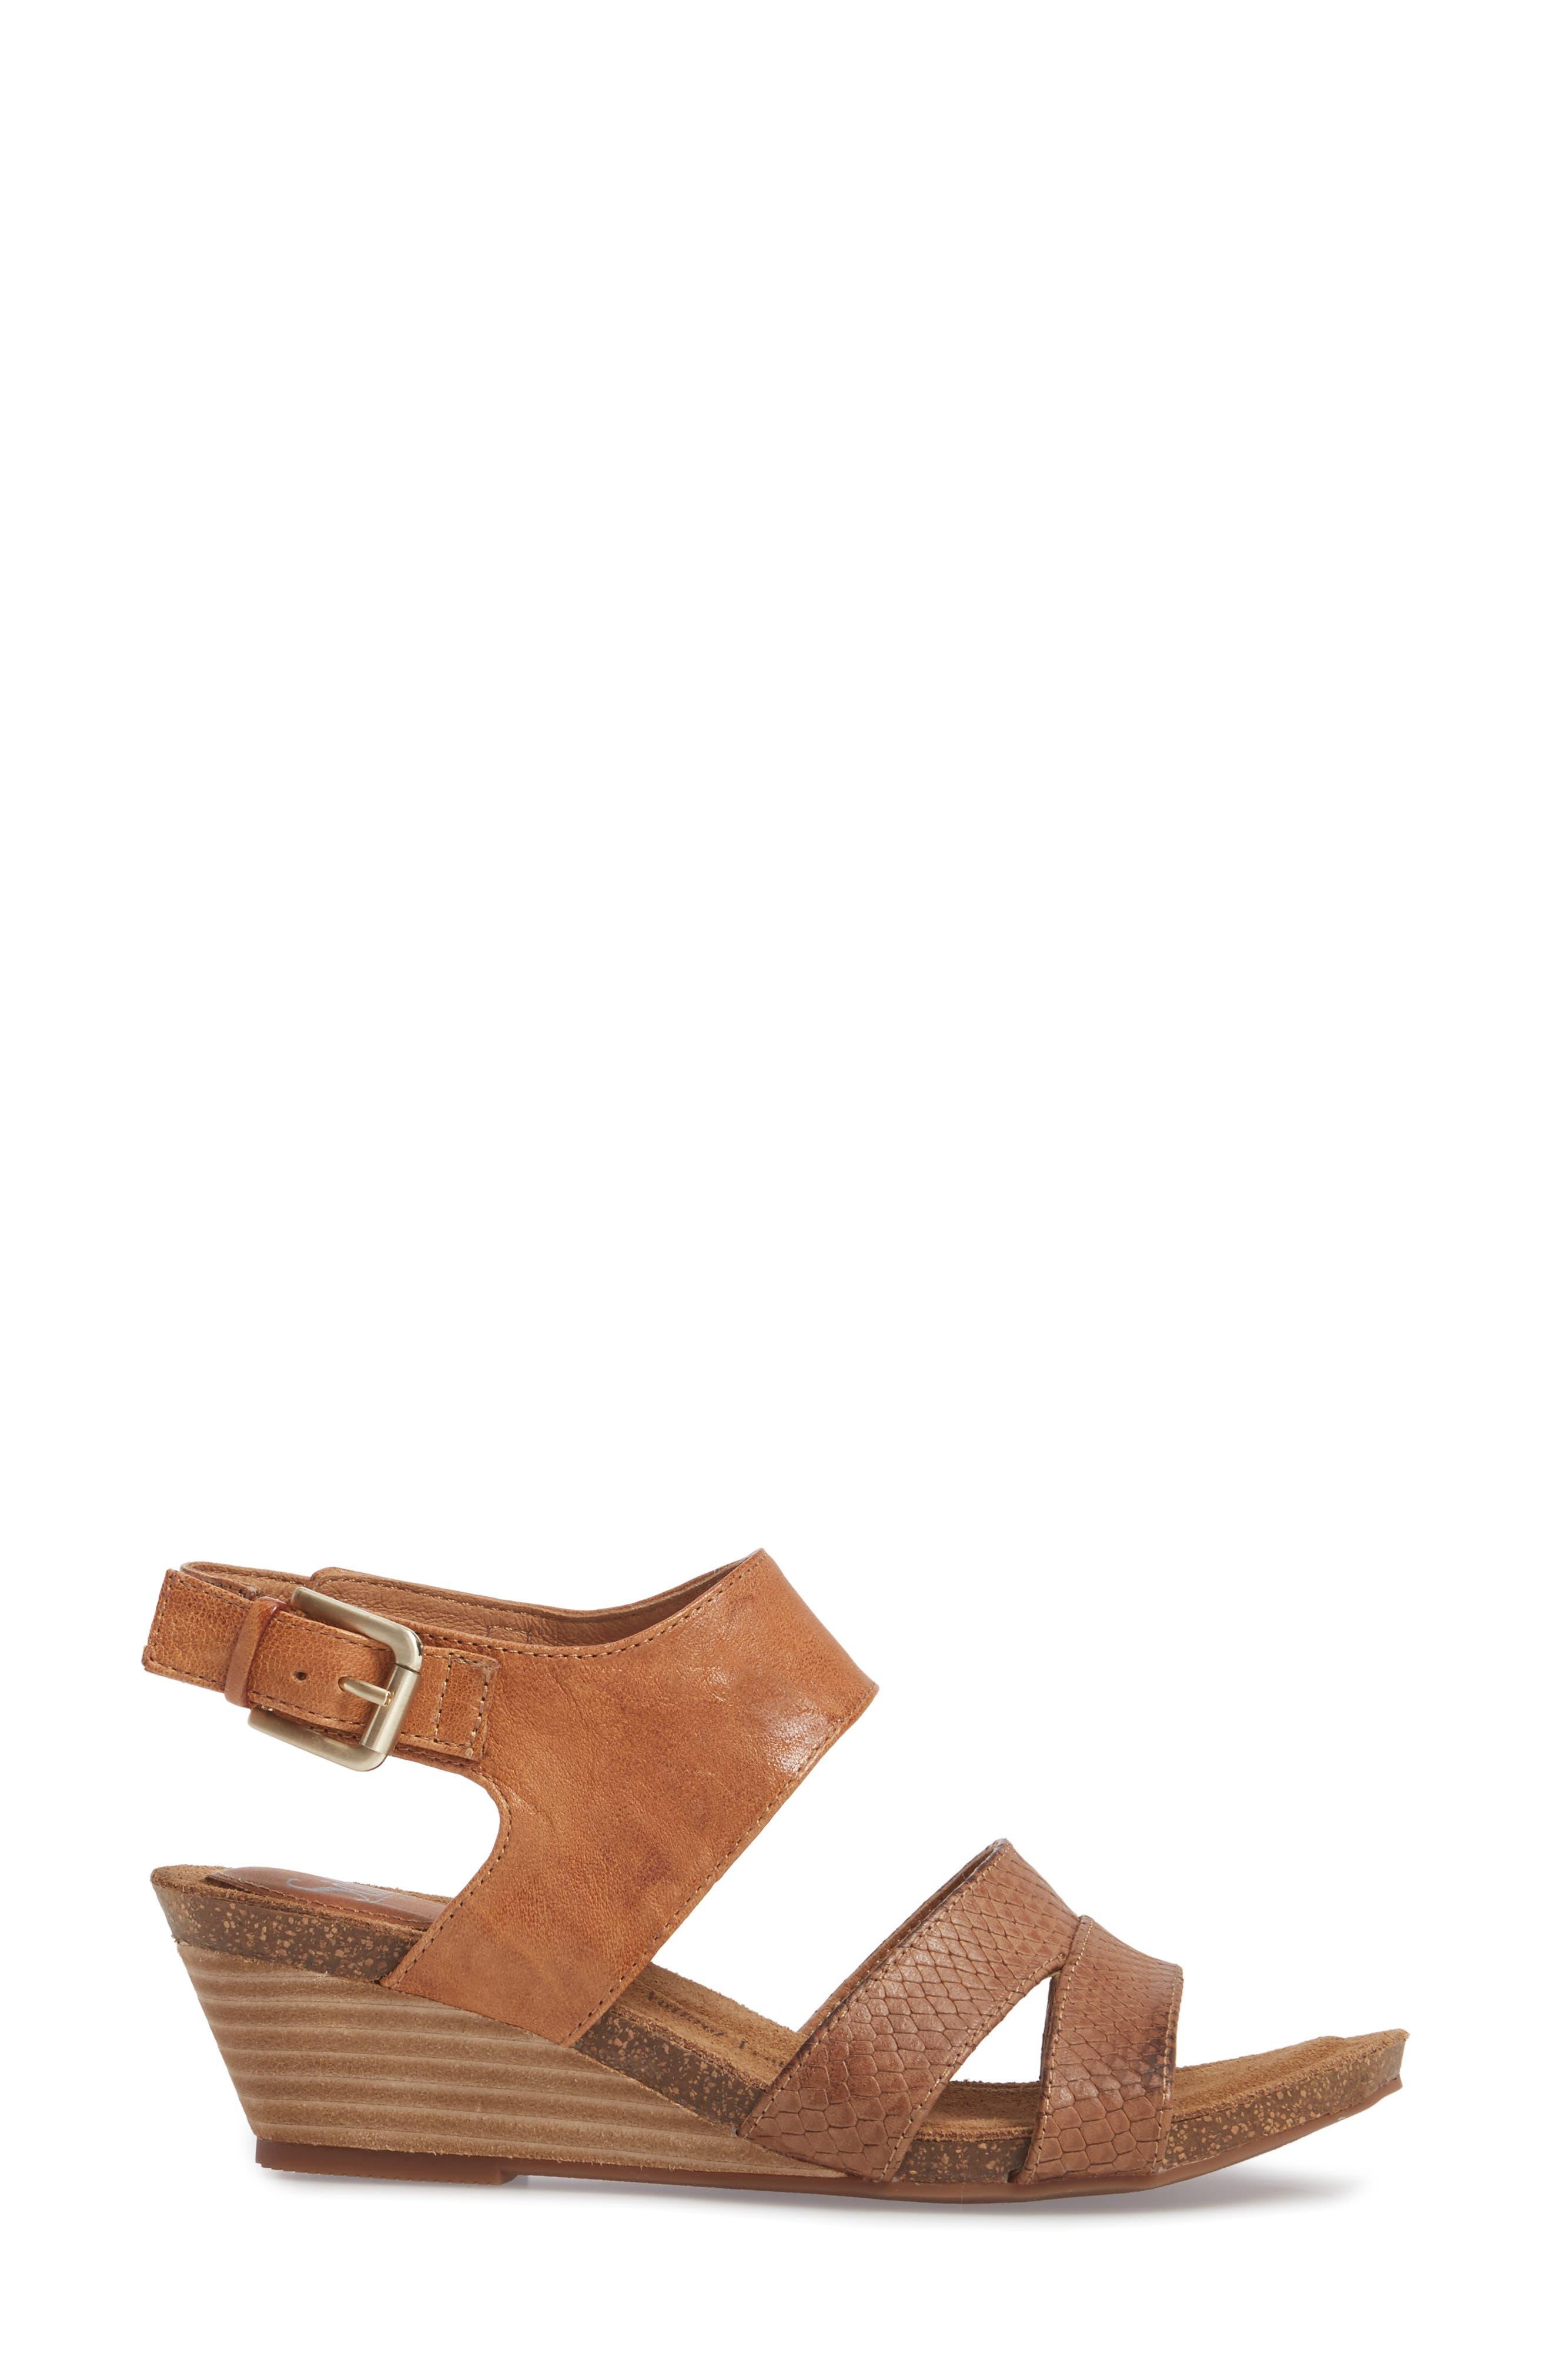 Velden Wedge Sandal,                             Alternate thumbnail 9, color,